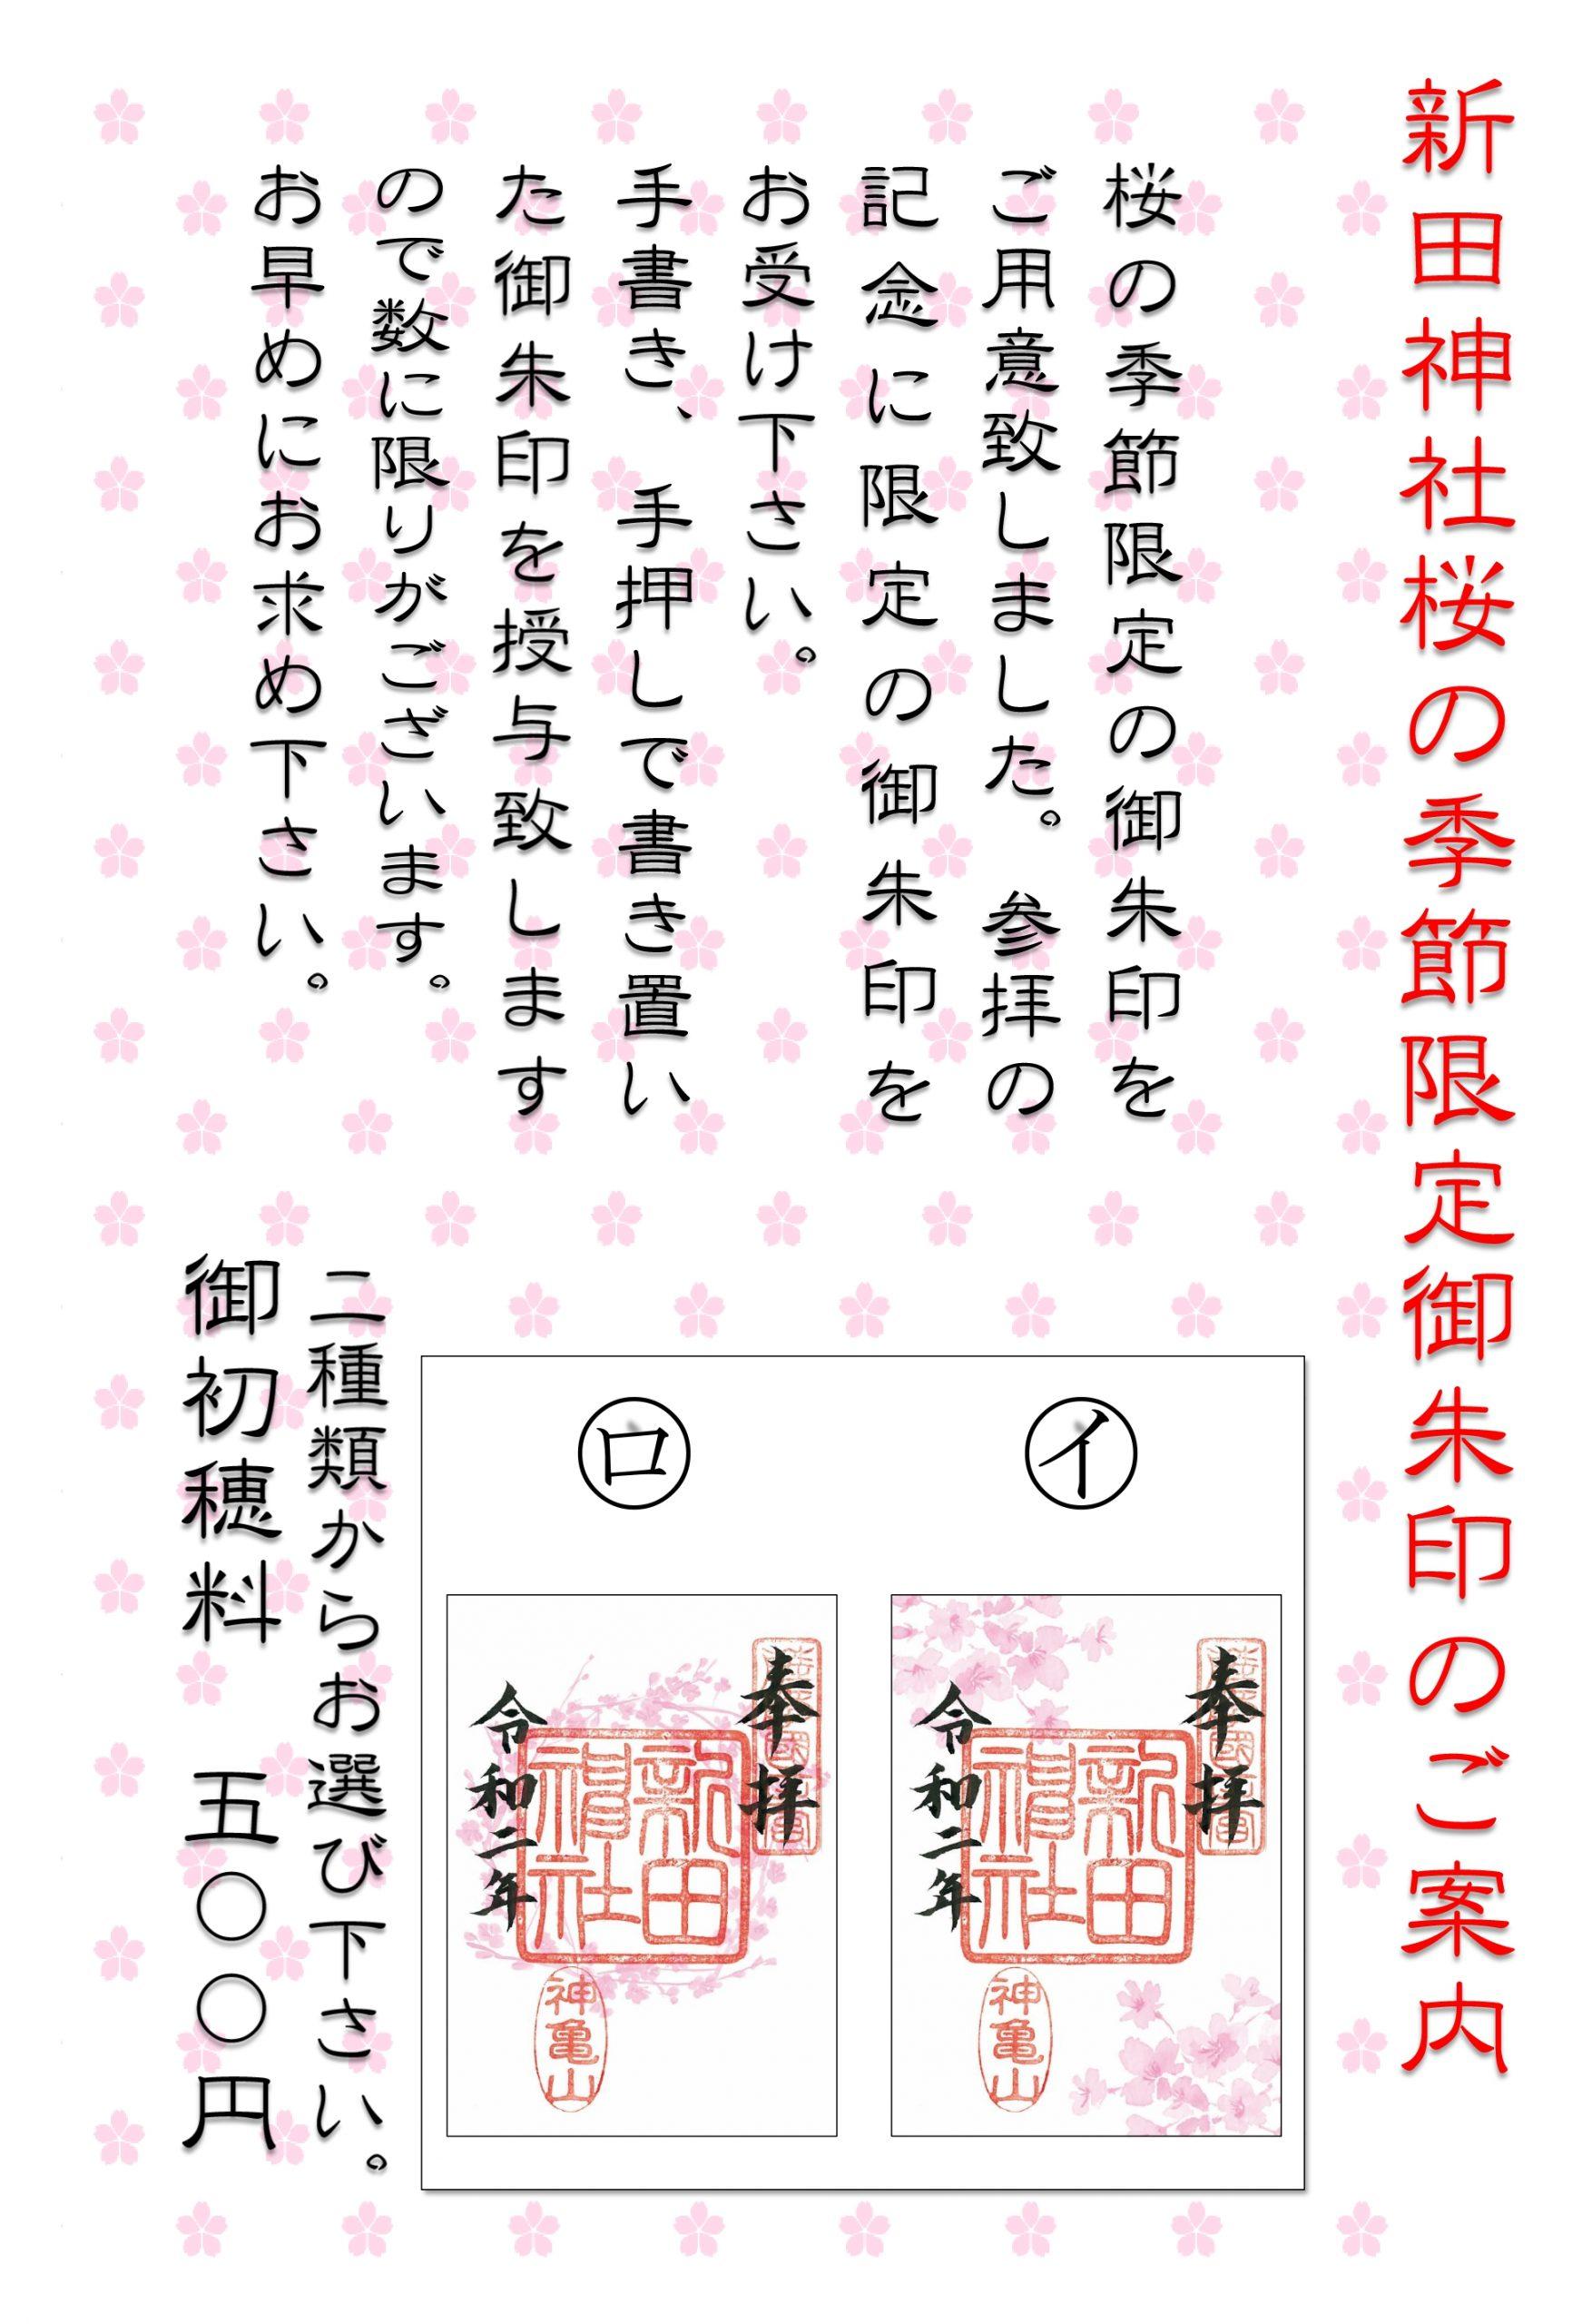 新田神社 桜の季節限定御朱印